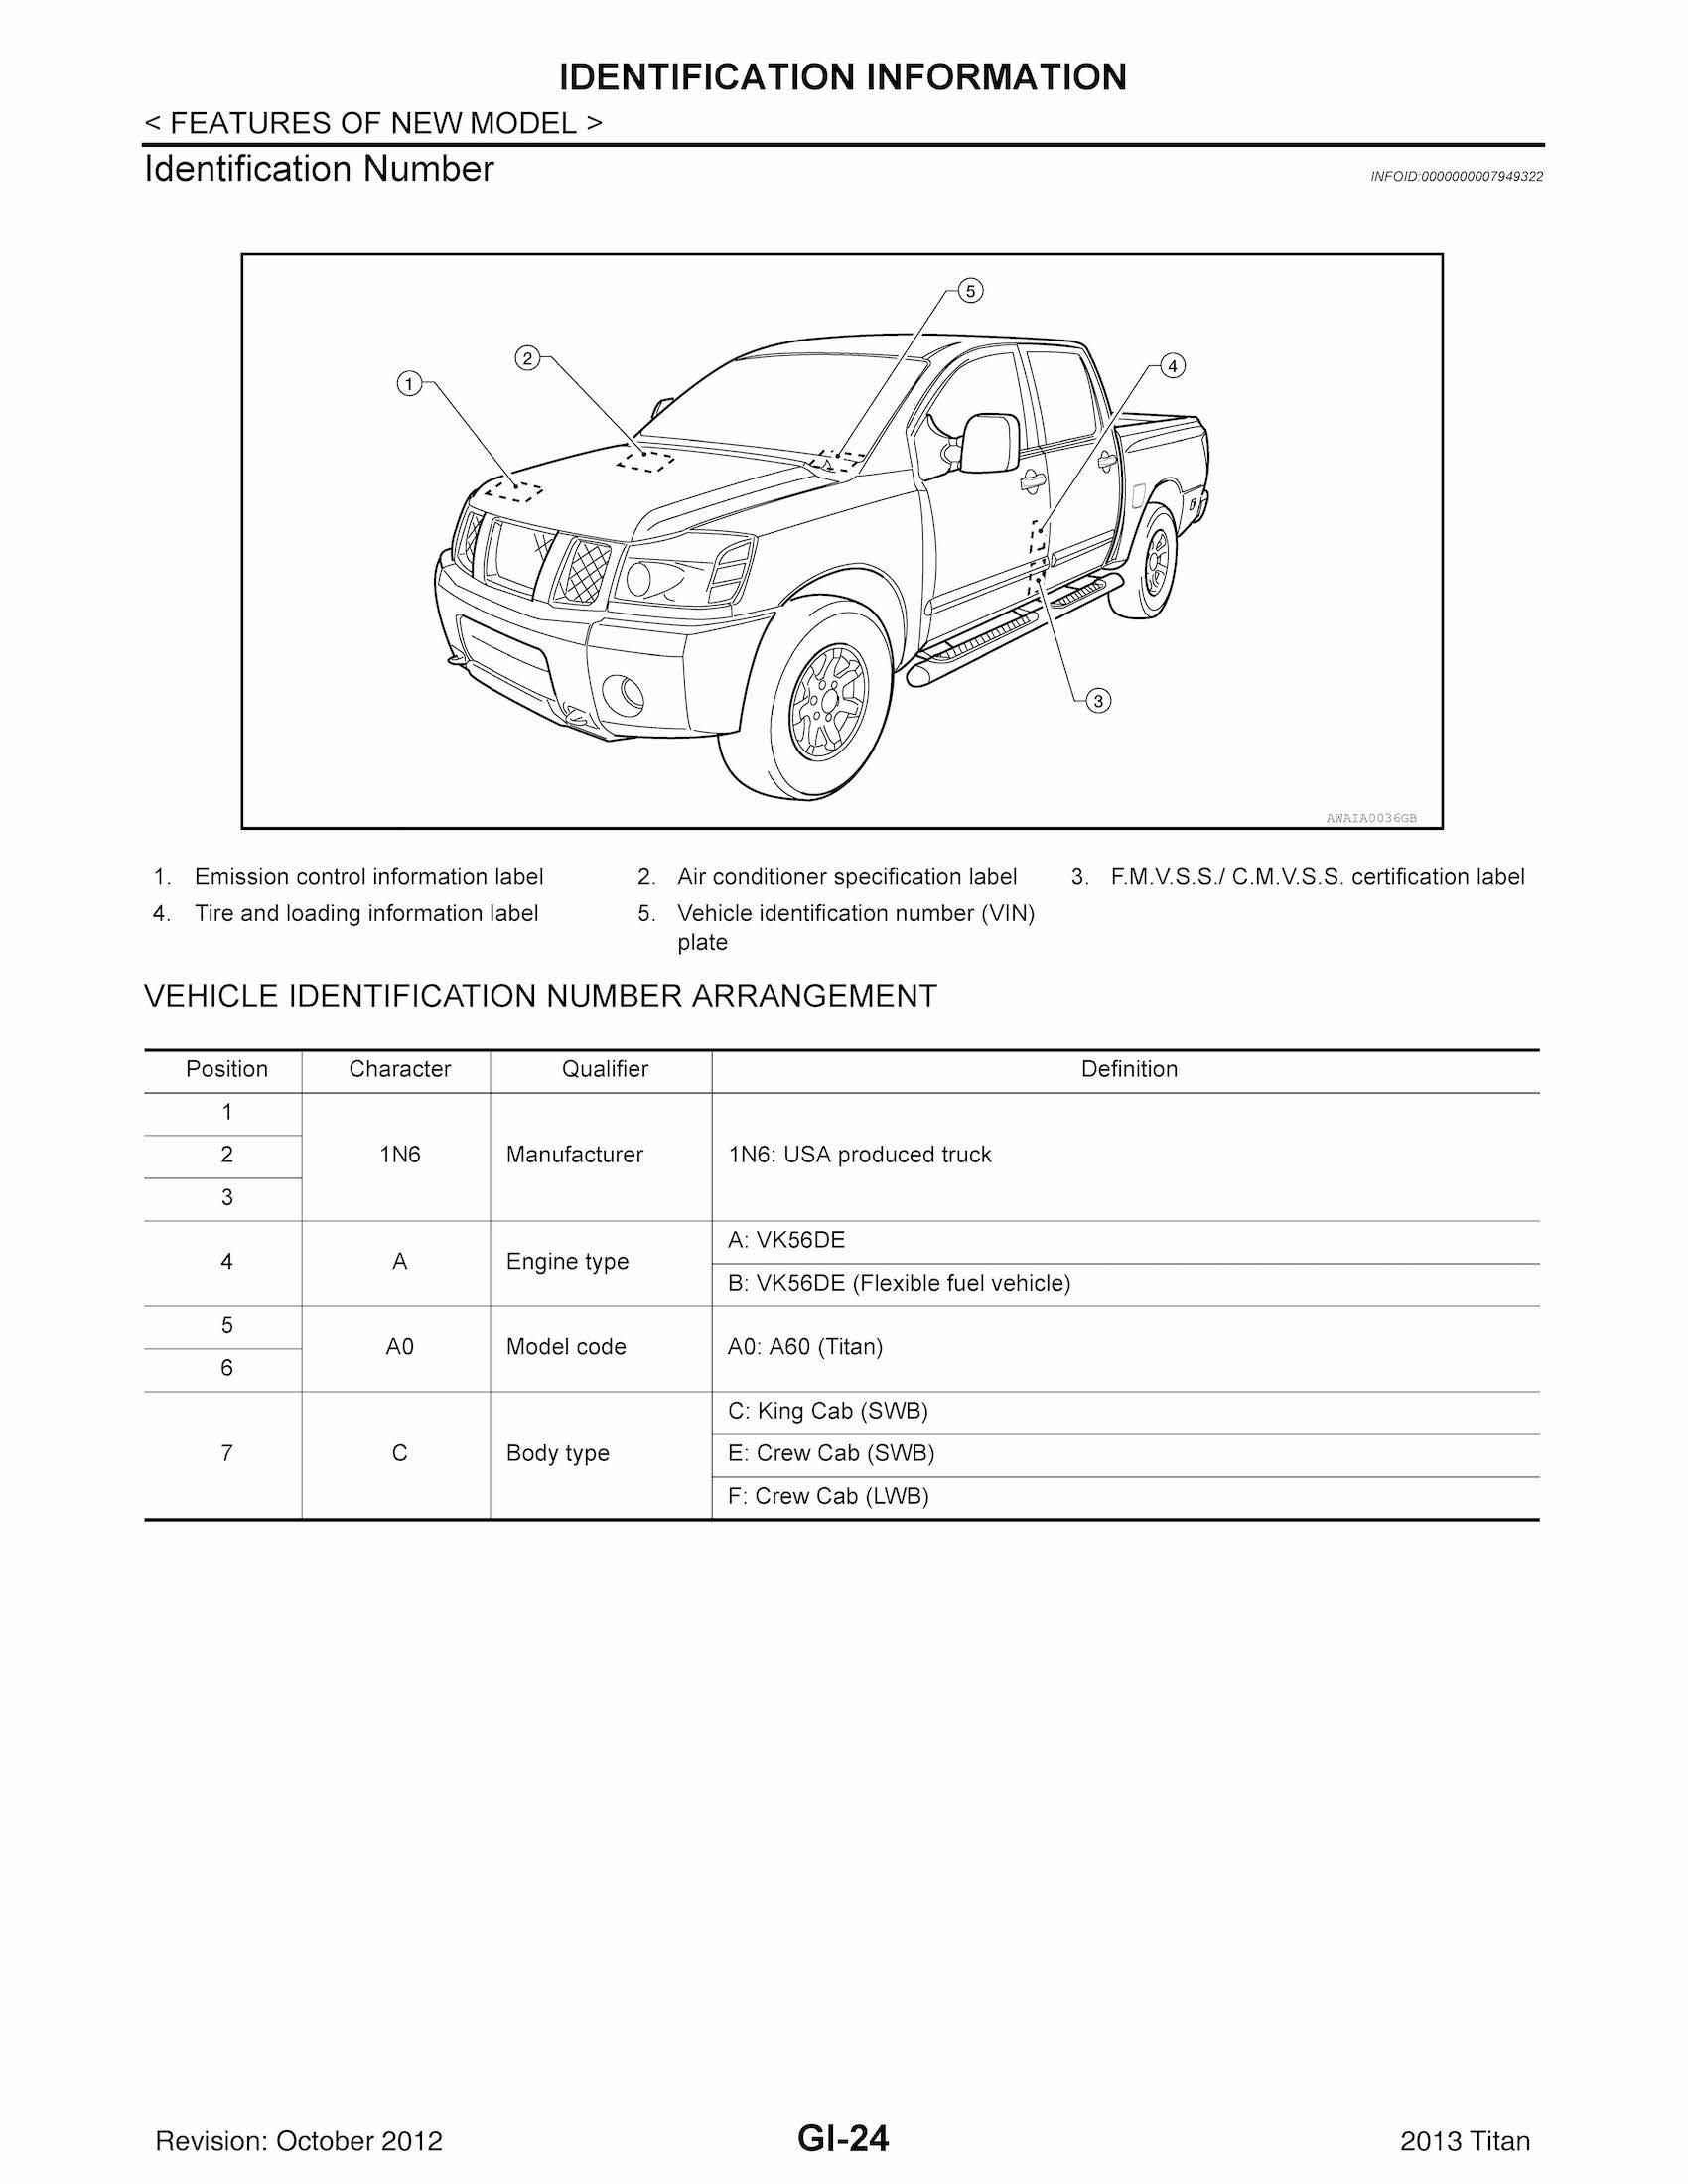 2010-2014 Nissan Titan-A60 Series, OEM Service and Repair Manual (PDF)